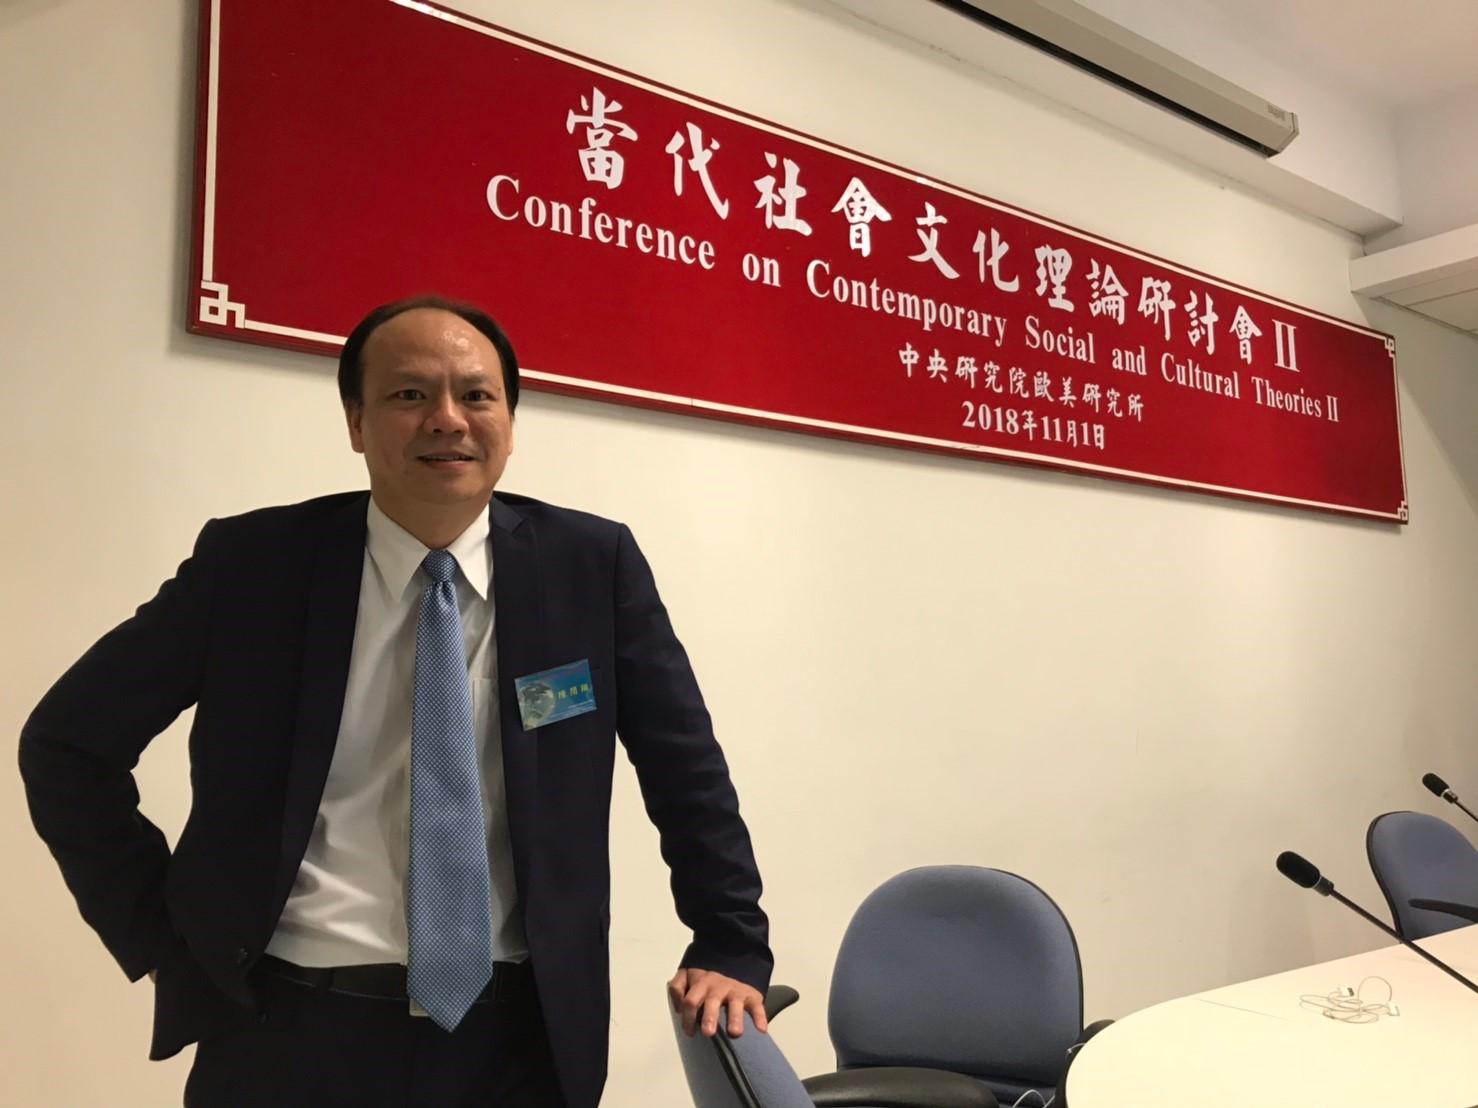 Ming-Hsiang Chen